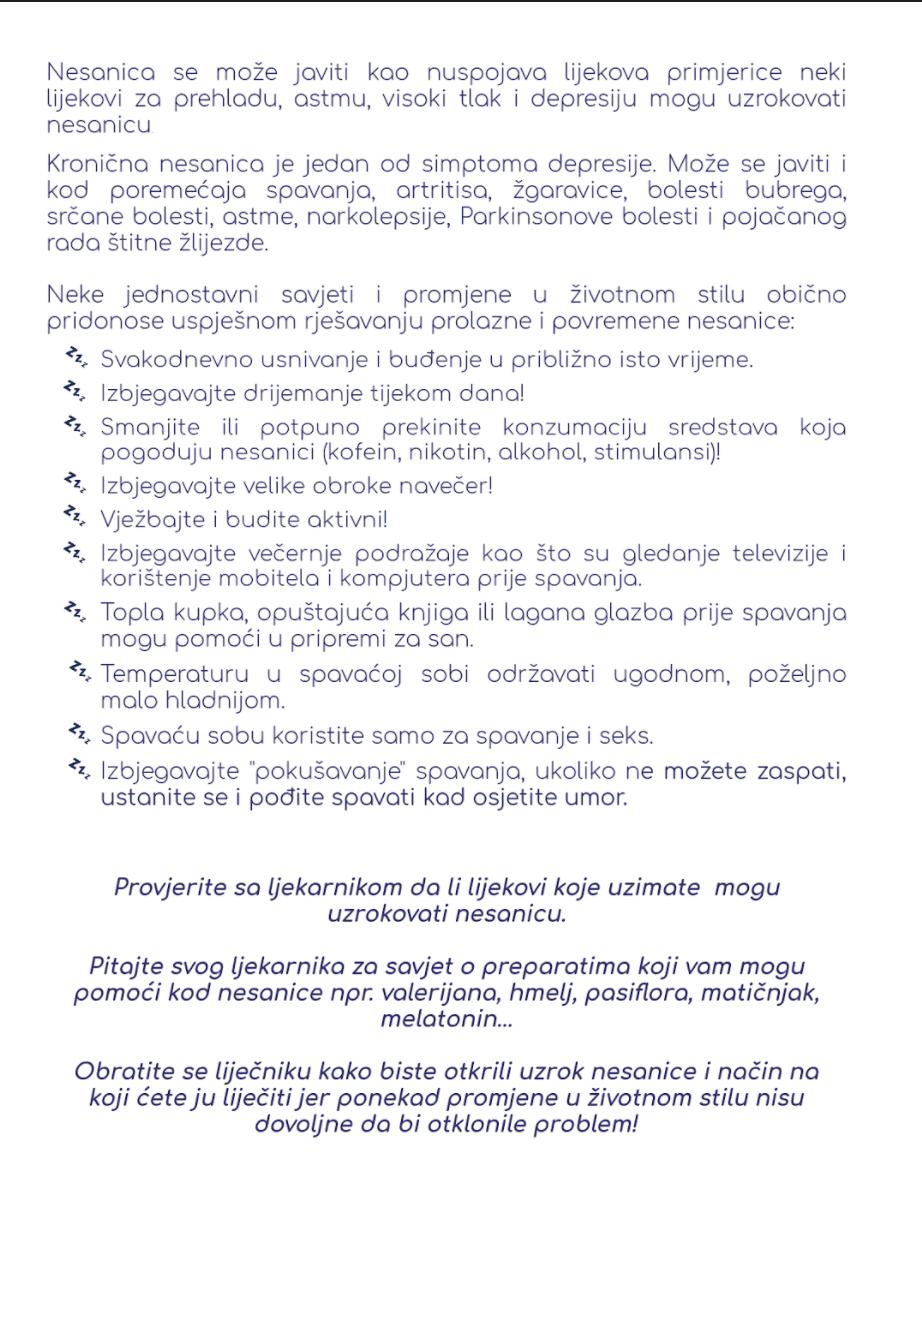 primapharme-nesanica-2